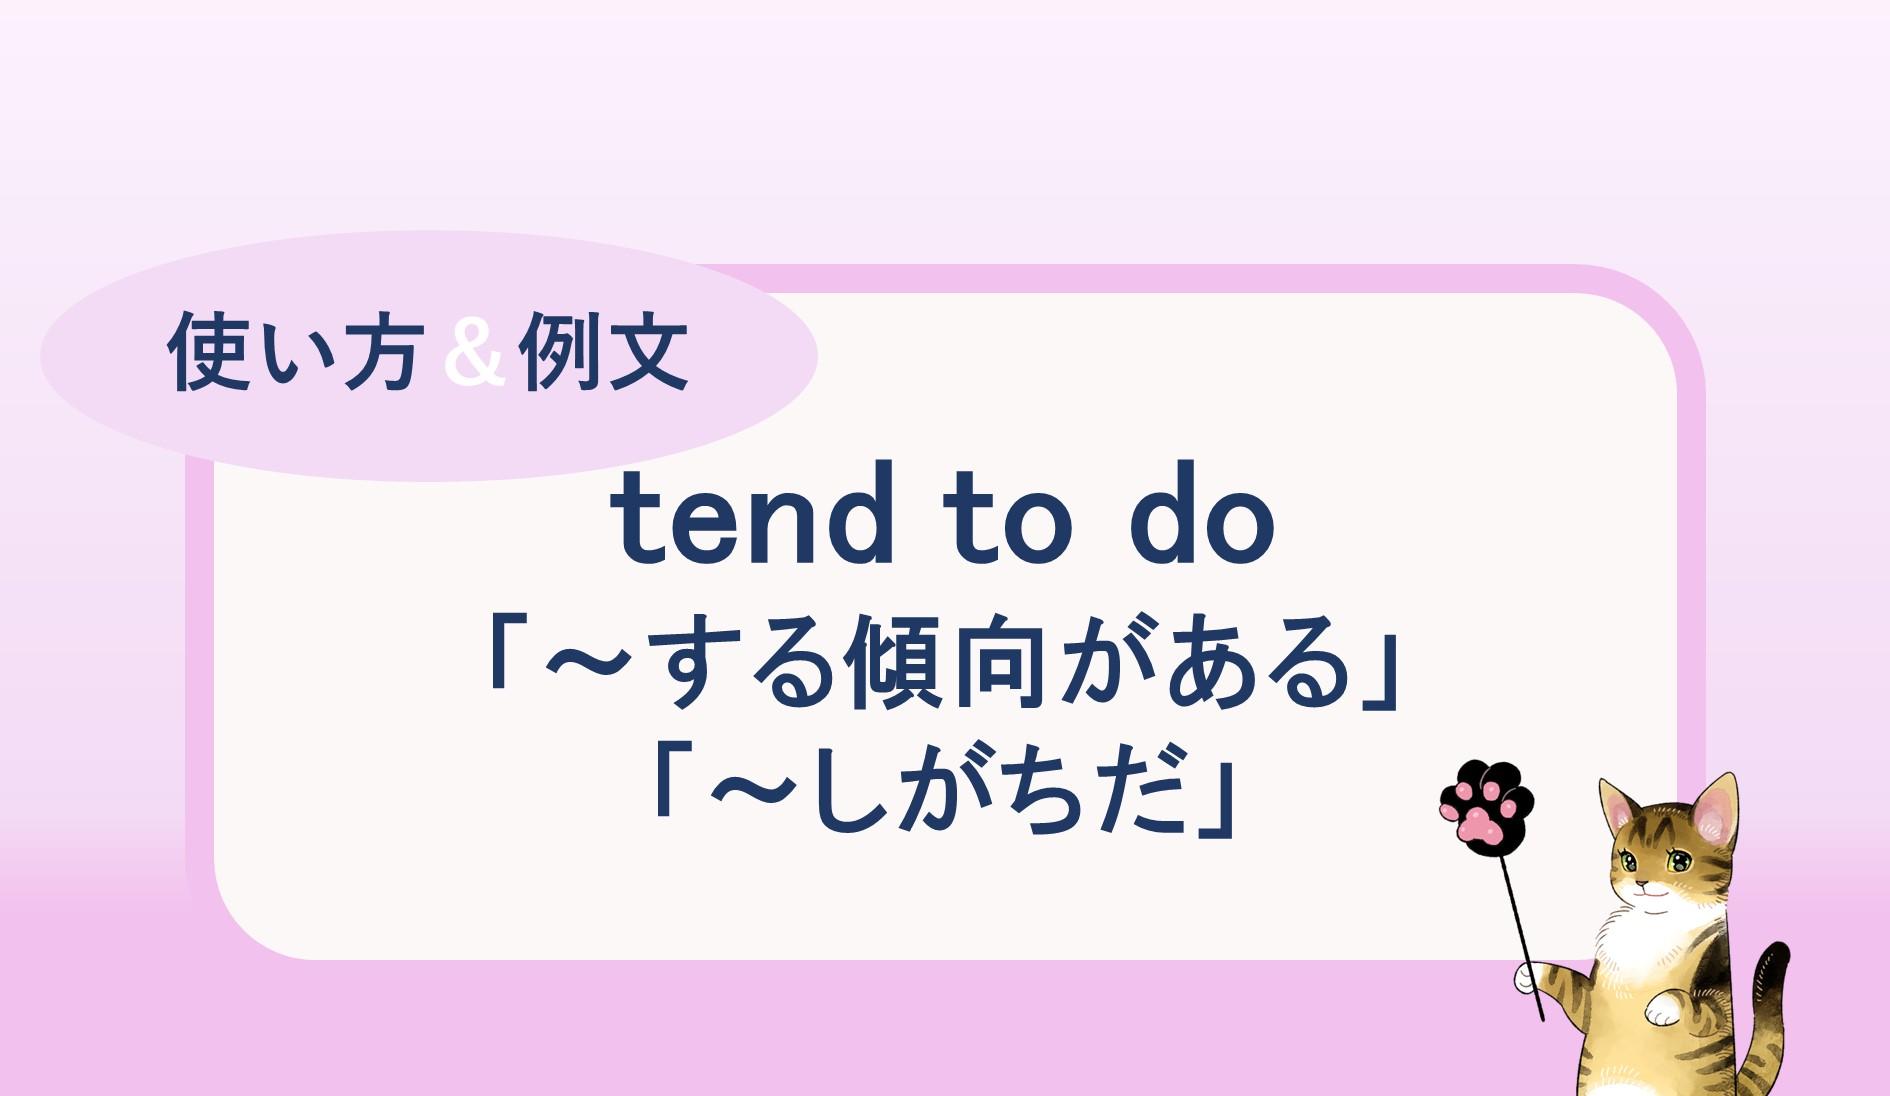 tend to do「~する傾向がある」「~しがちだ」の使い方と例文 | 自分 ...